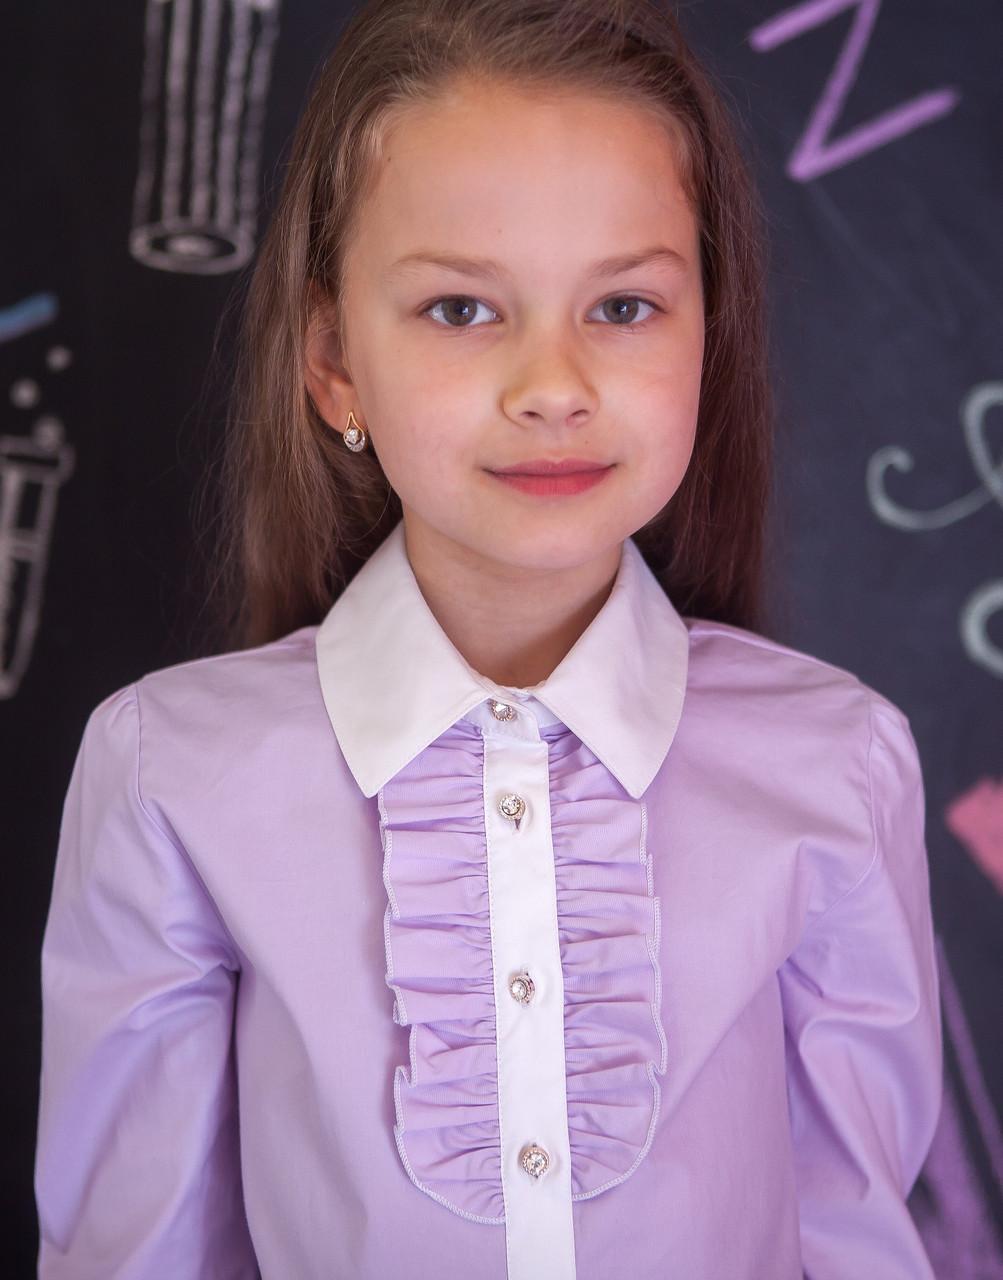 Блузка рубашка сиреневая с белой планкой школьная